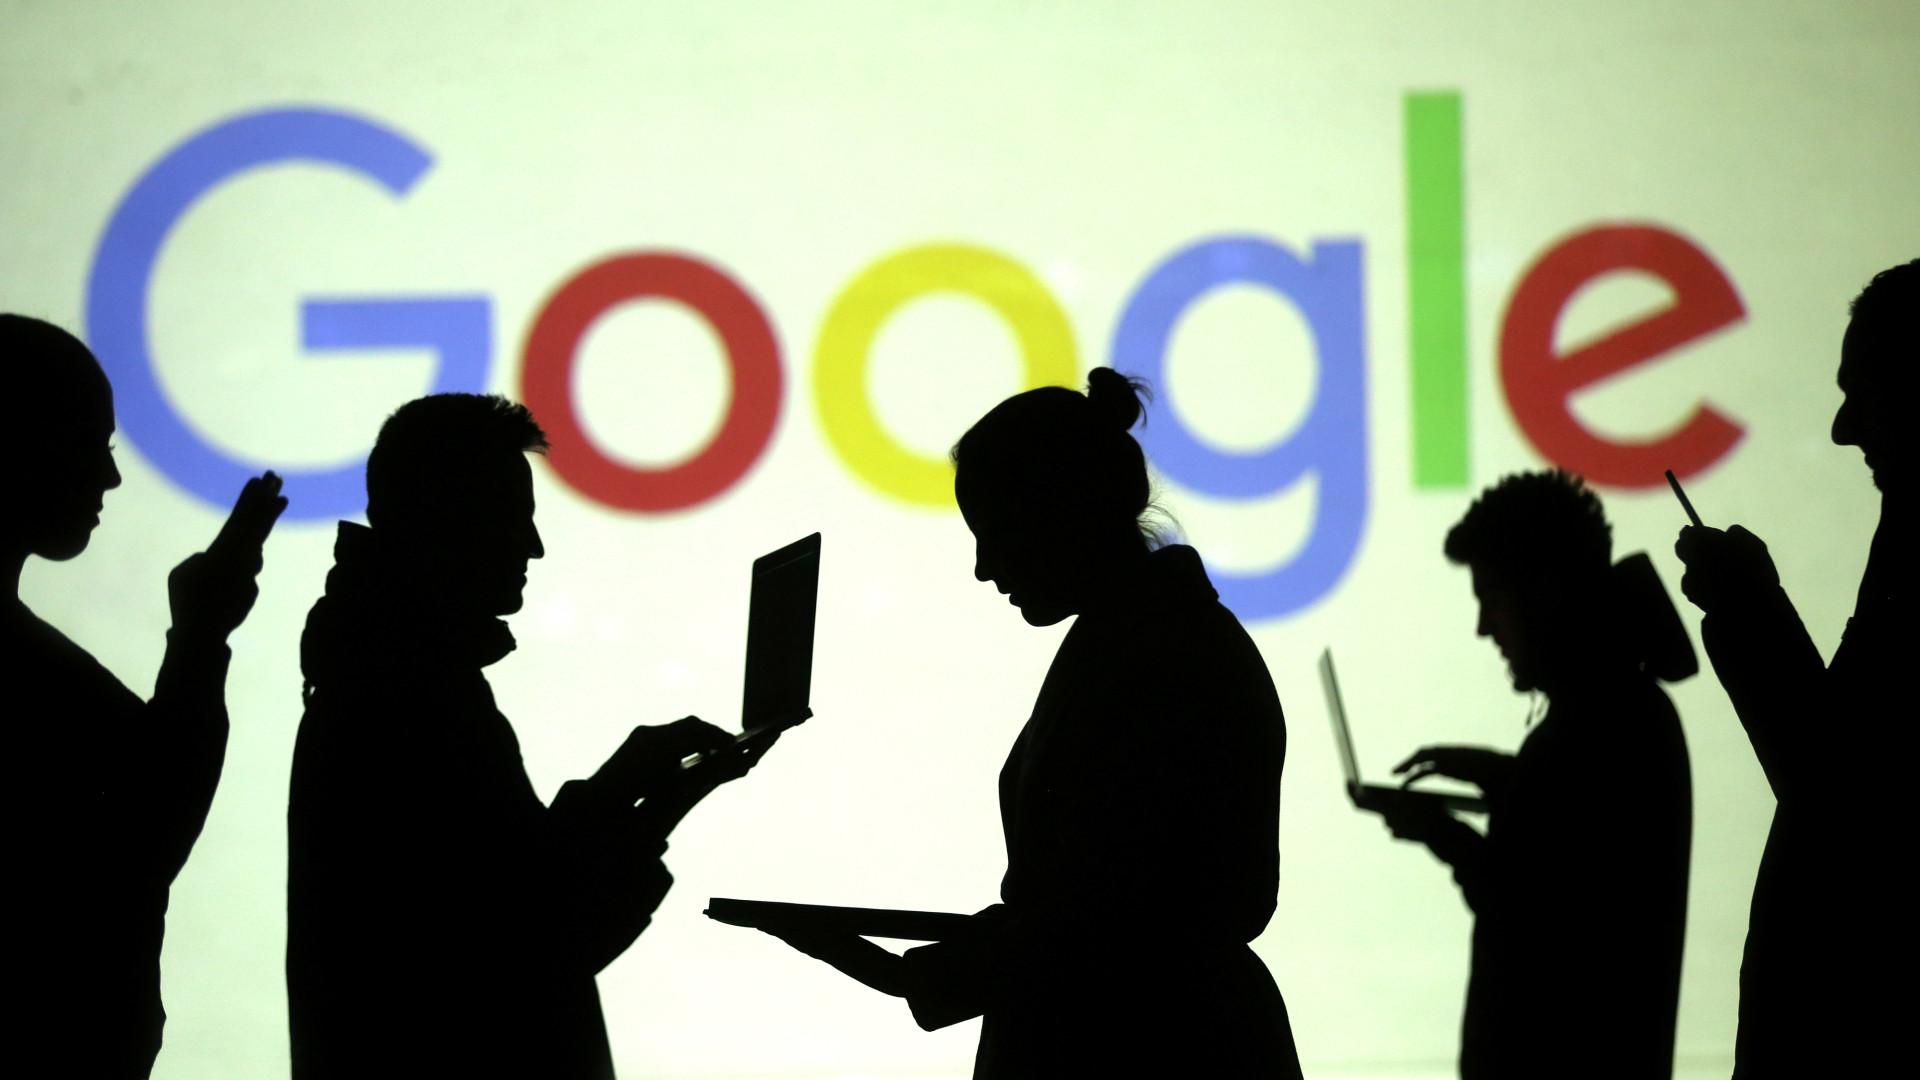 Google acusada de práticas ilegais por 23 associações dos EUA